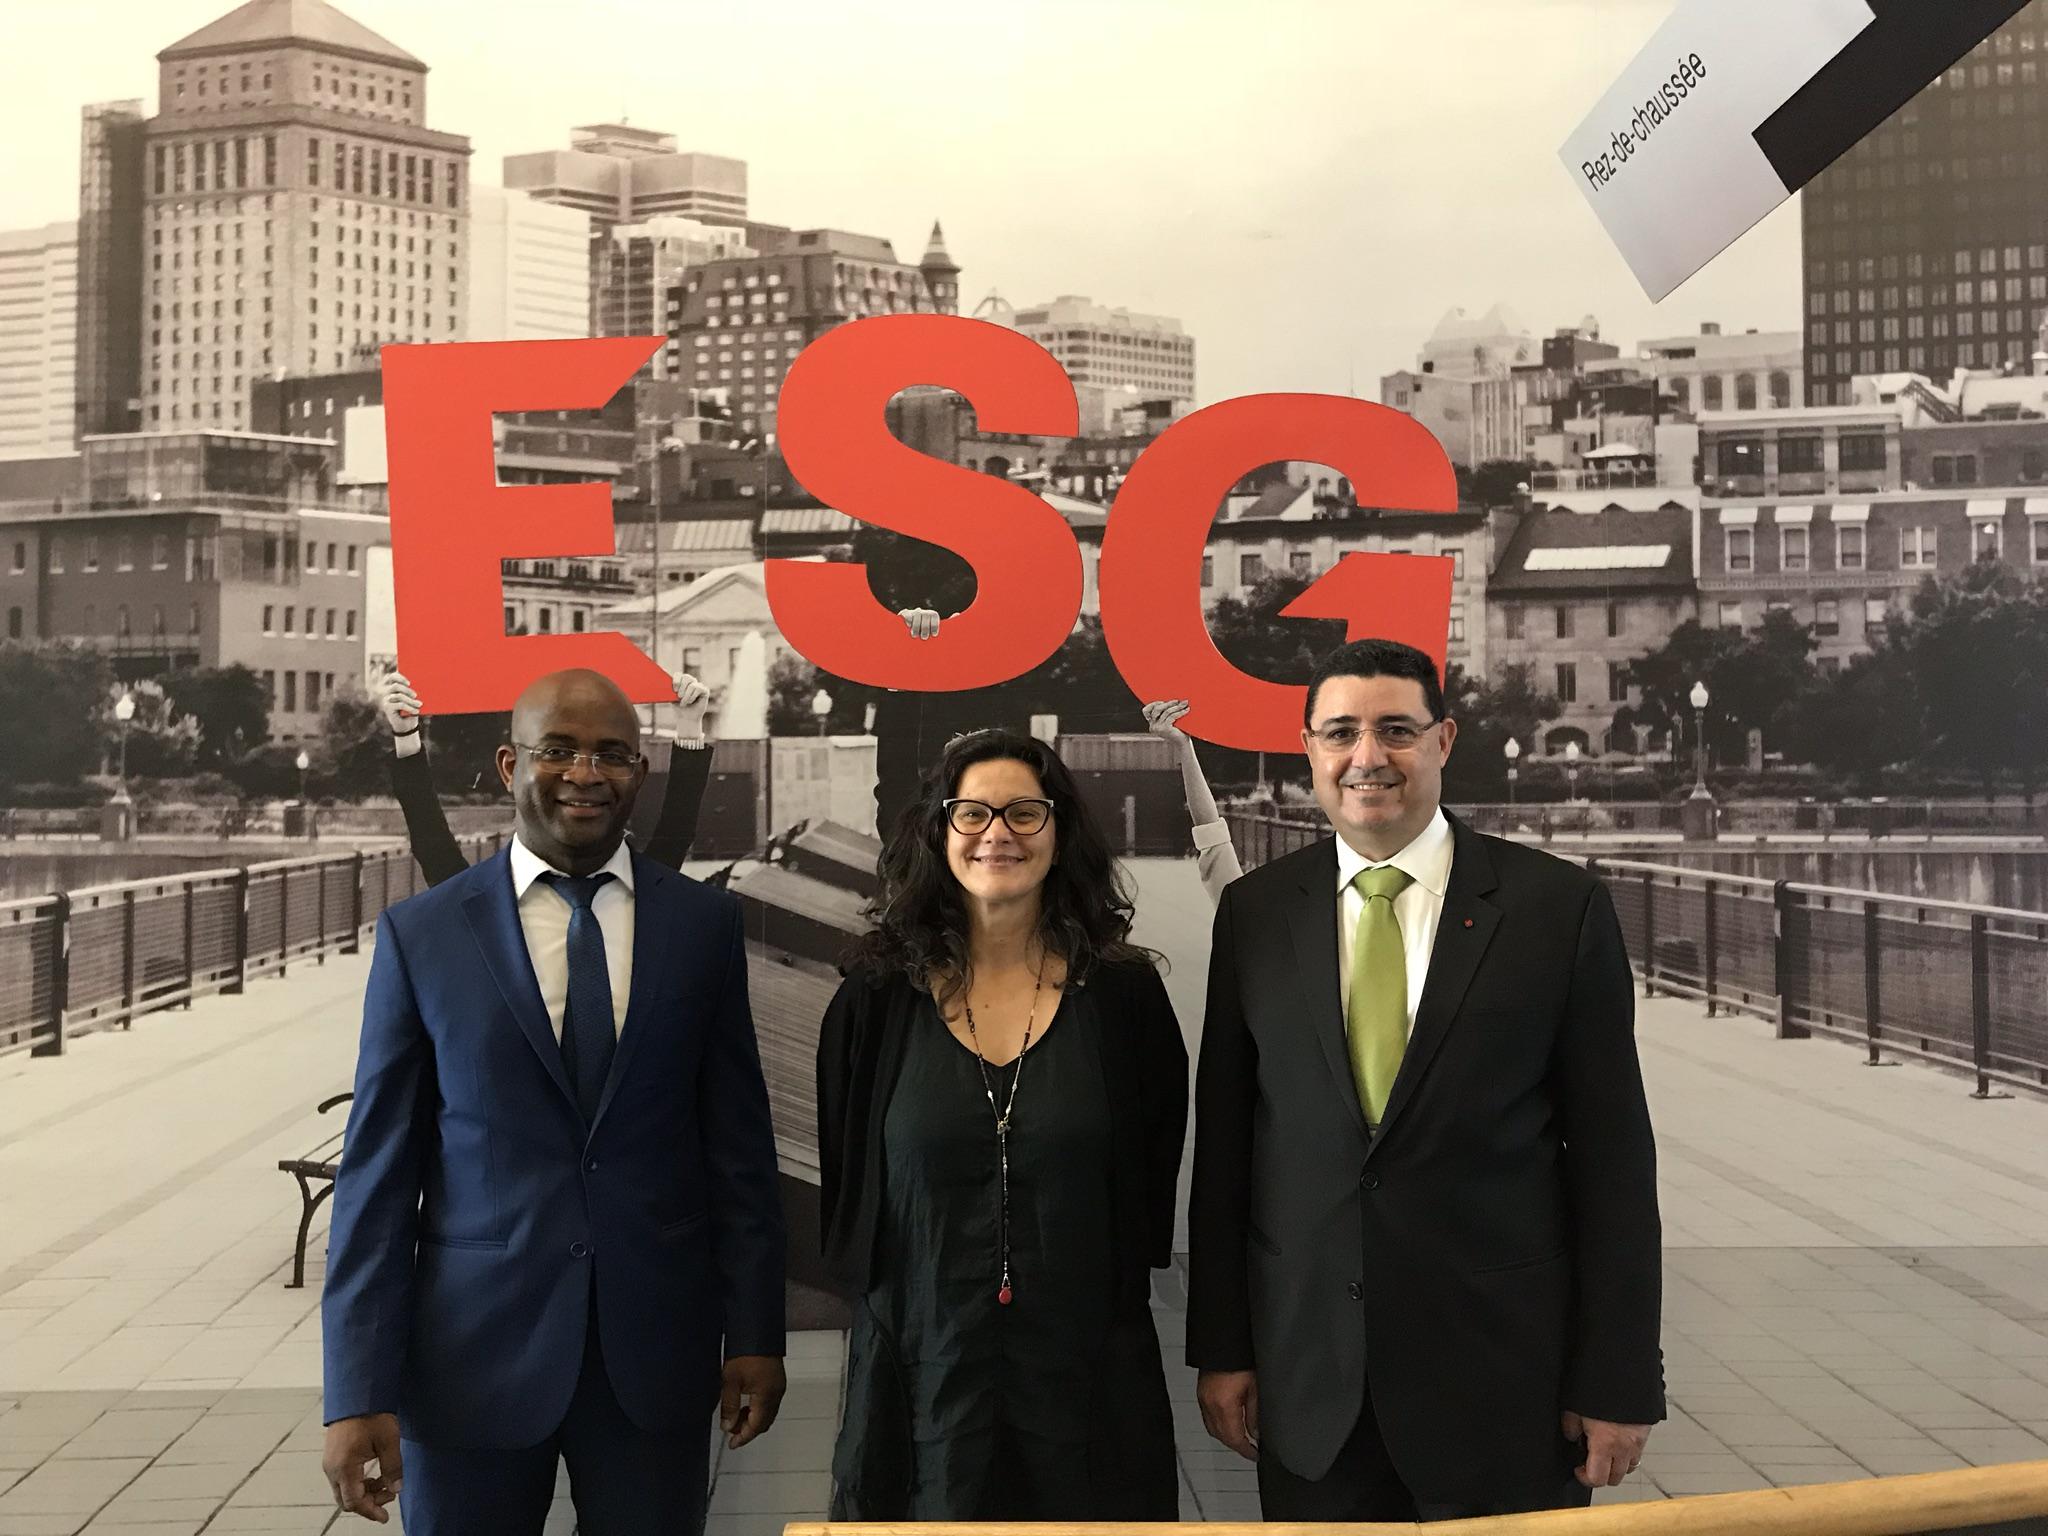 Komlan T. Sedzro, Doyen (ESG UQAM), Aude Clotteau, Directrice (ESG+ et développement des affaires de l'ESG UQAM) et Larbi Bennouna, Président directeur général (SETYM International)